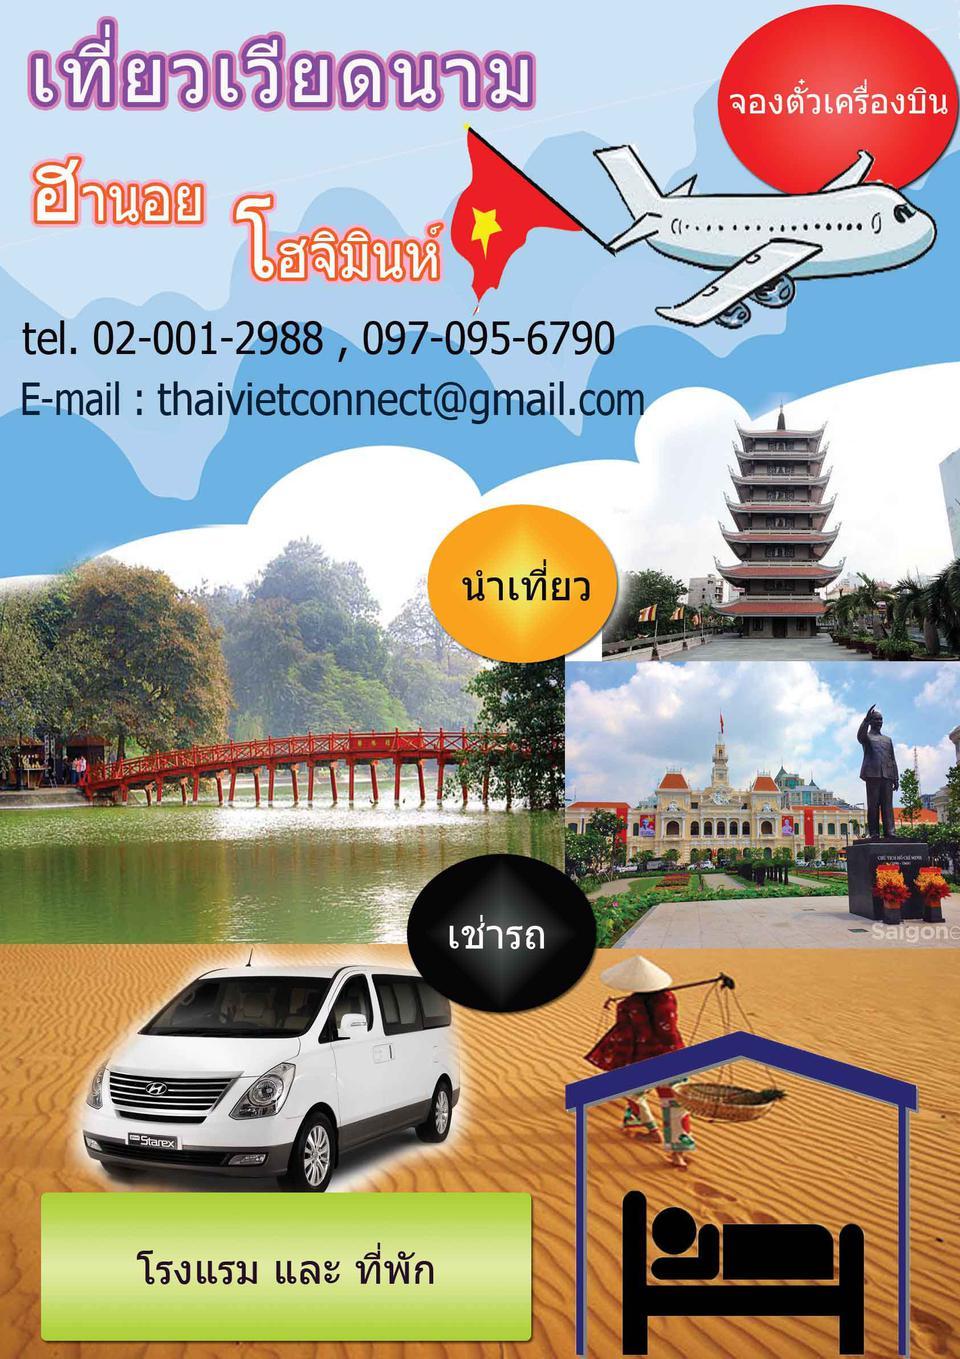 ท่องเที่ยวเวียดนาม รูปที่ 1